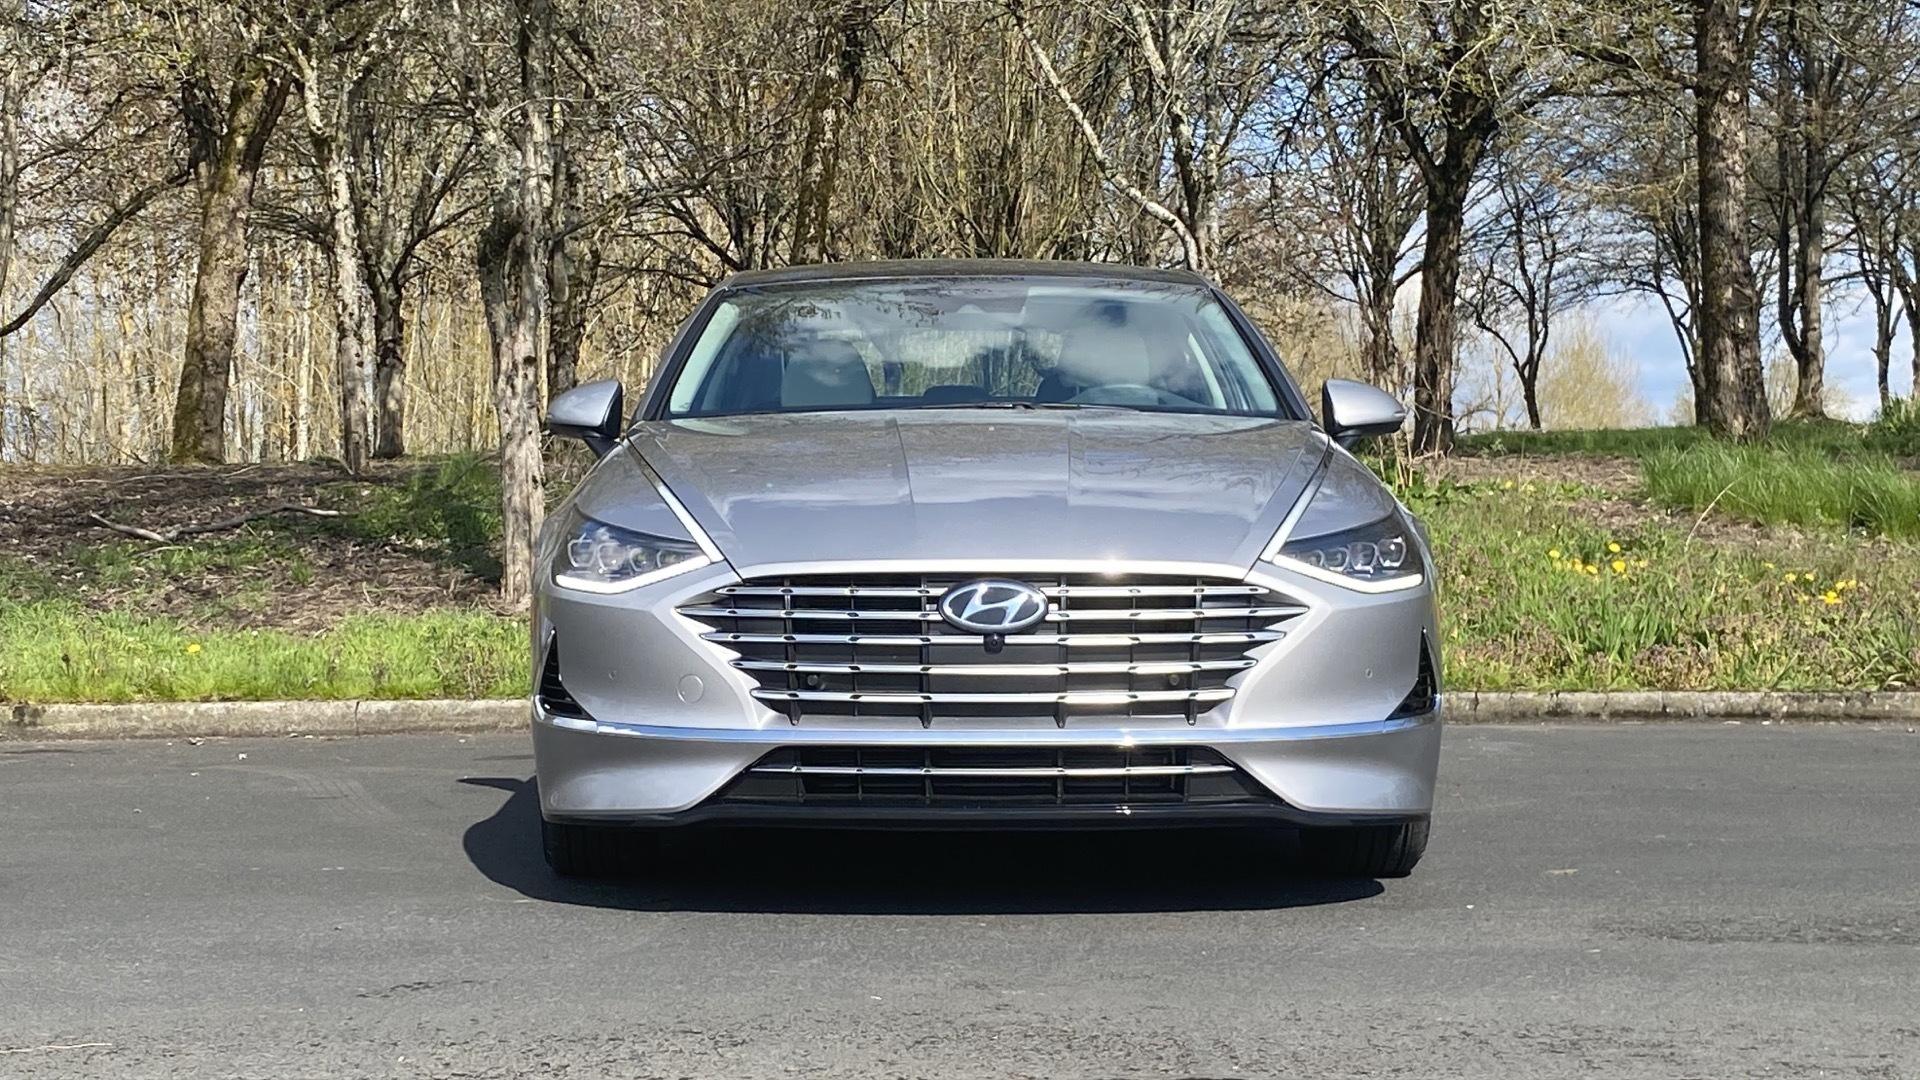 first drive review: 2020 hyundai sonata hybrid is a high